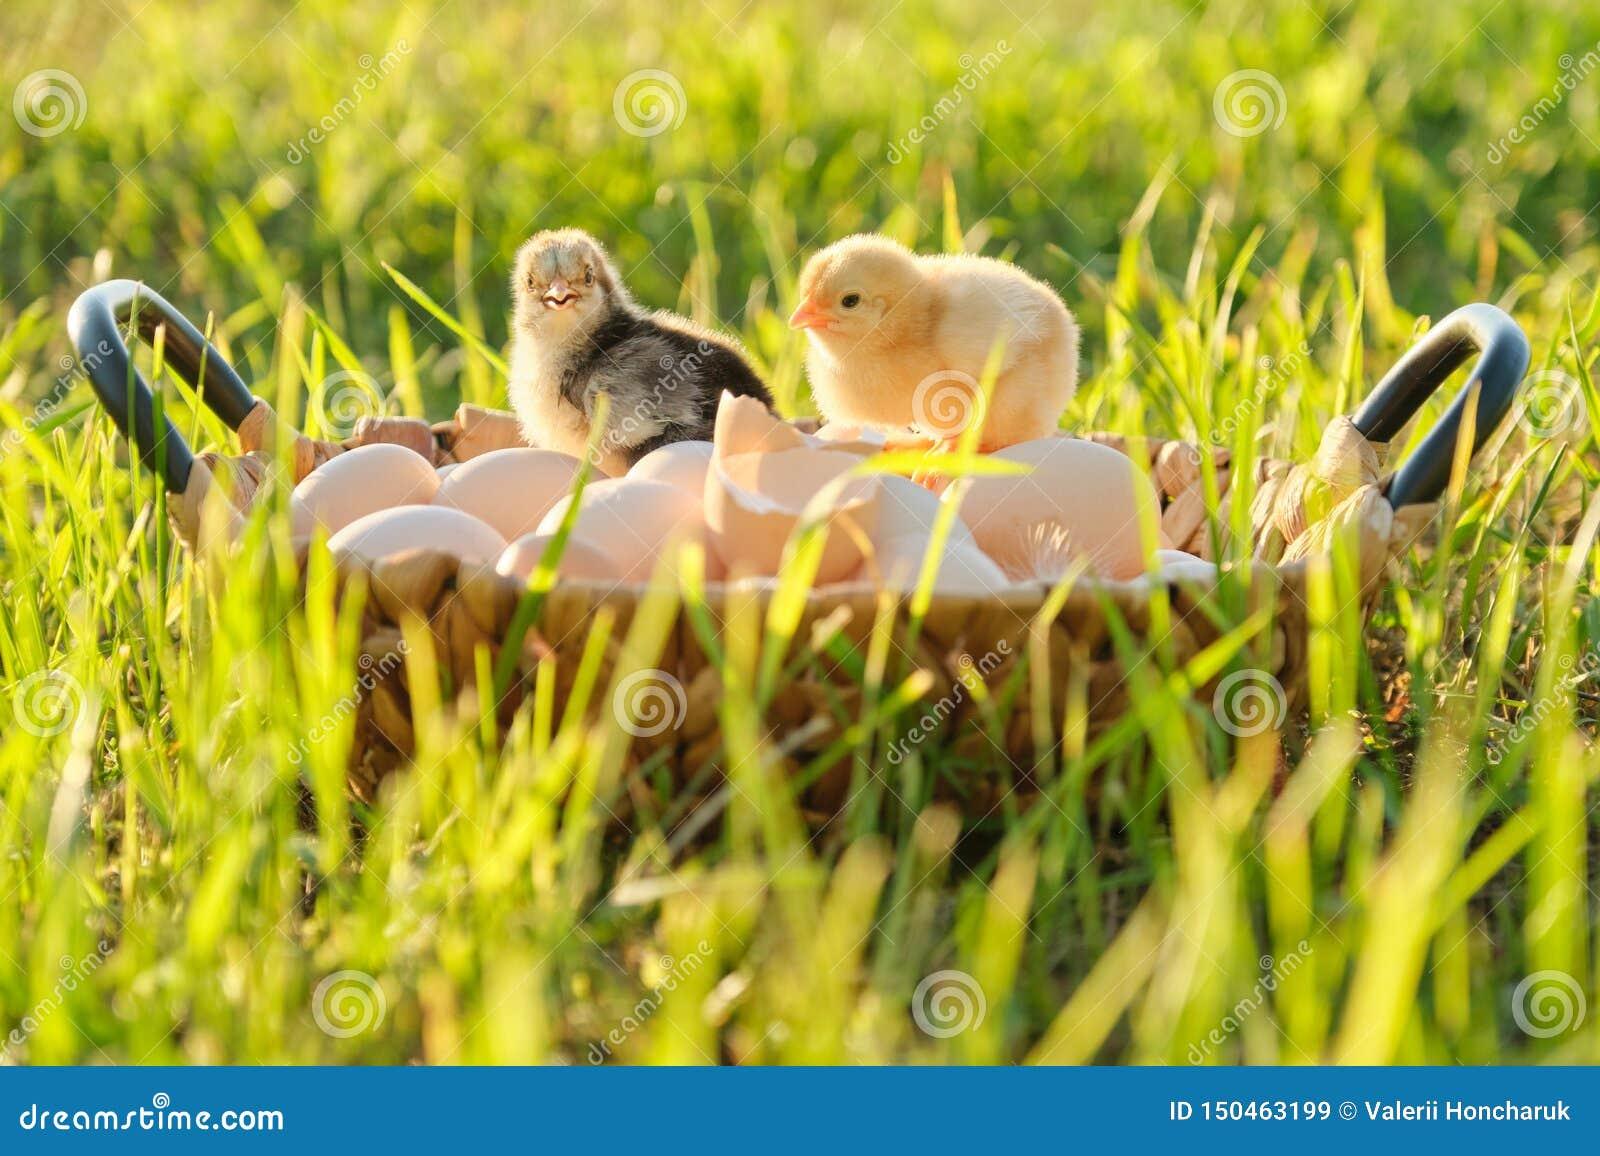 Корзина с естественными свежими органическими яйцами с 2 маленькими newborn цыплятами младенца, предпосылка природы травы